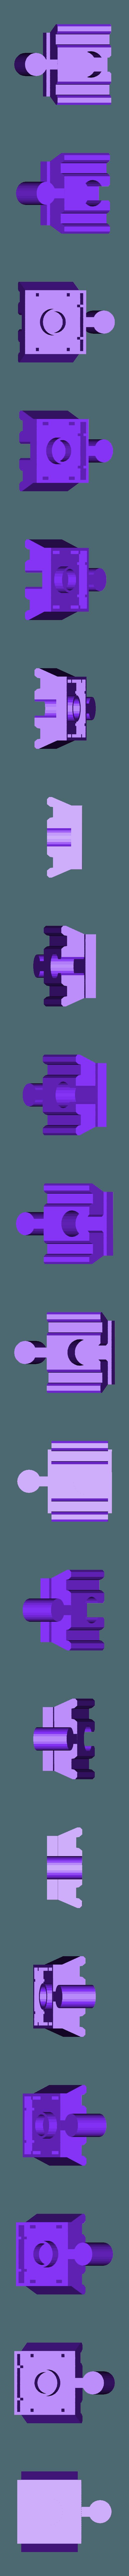 adaptateur_brio.stl Télécharger fichier STL gratuit Duplo Brio Convertisseur • Objet pour impression 3D, Locorico